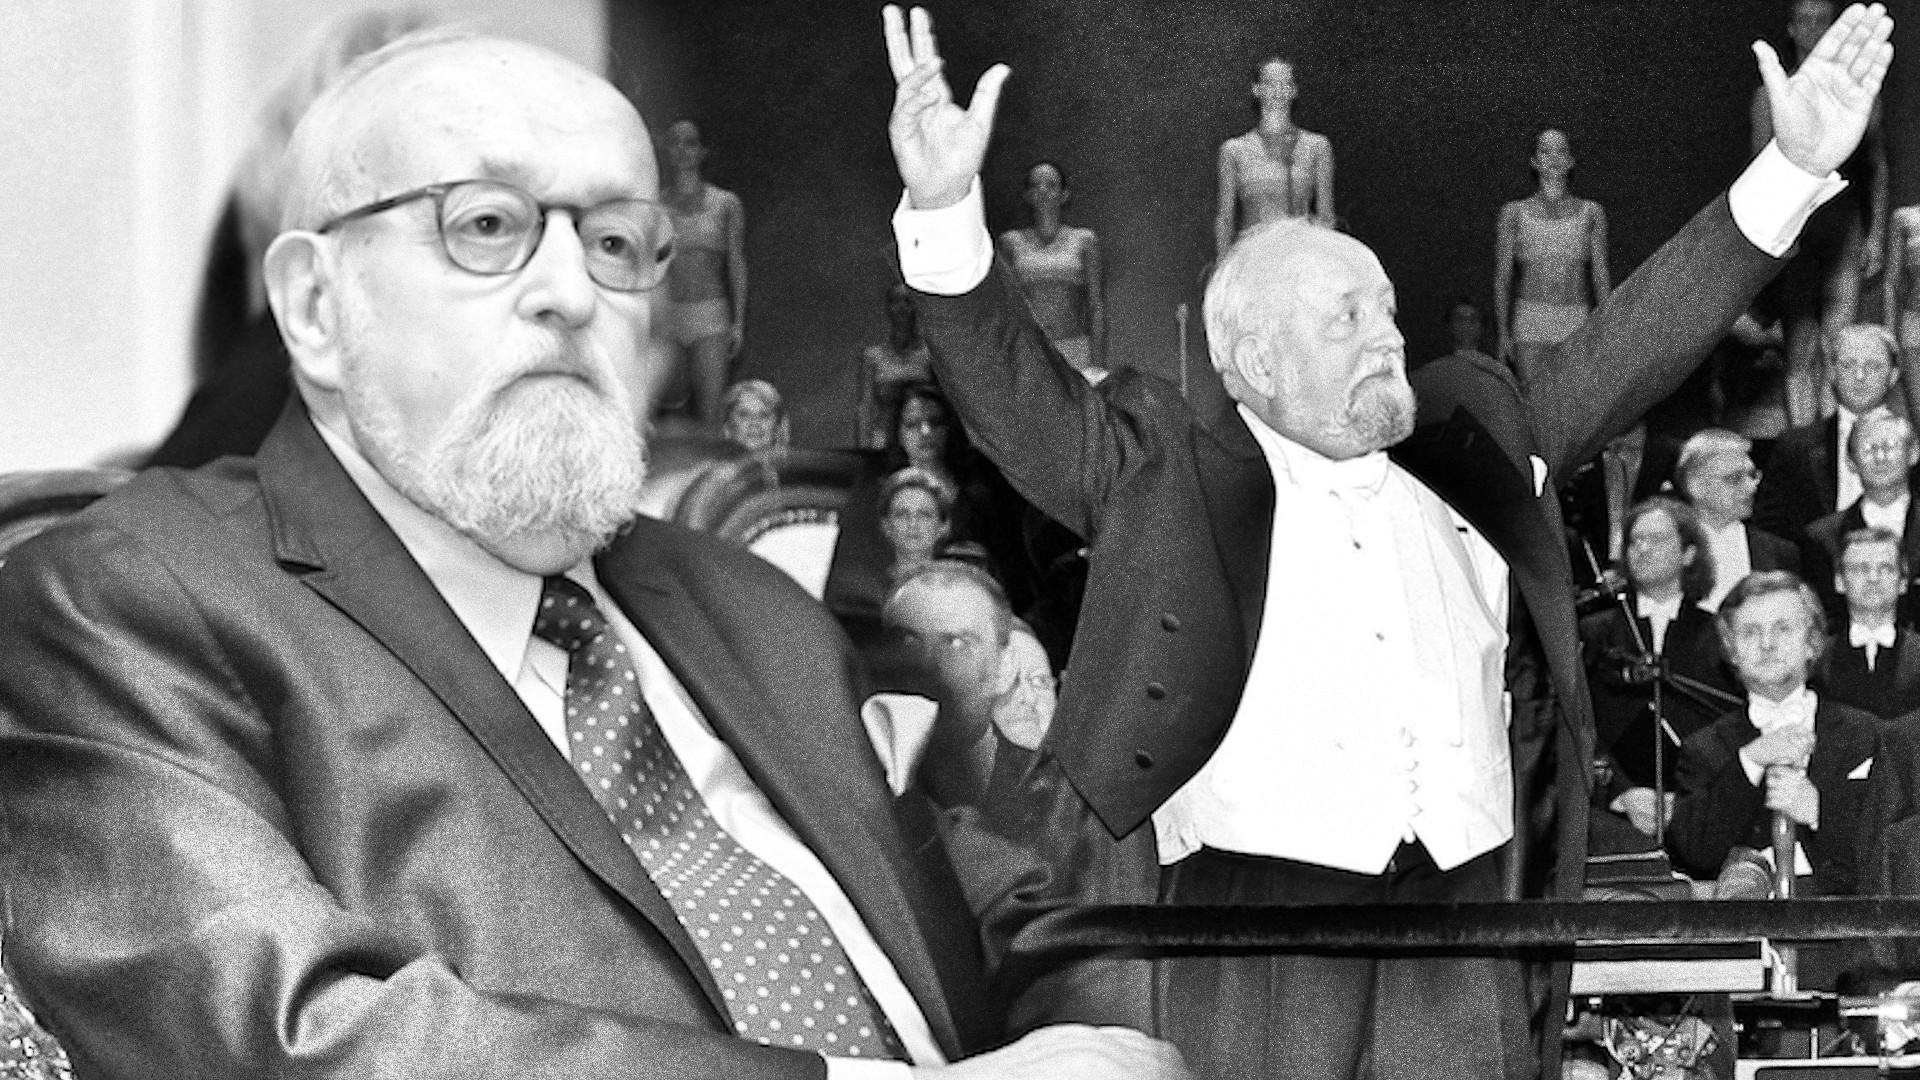 Nie żyje Krzysztof Penderecki!